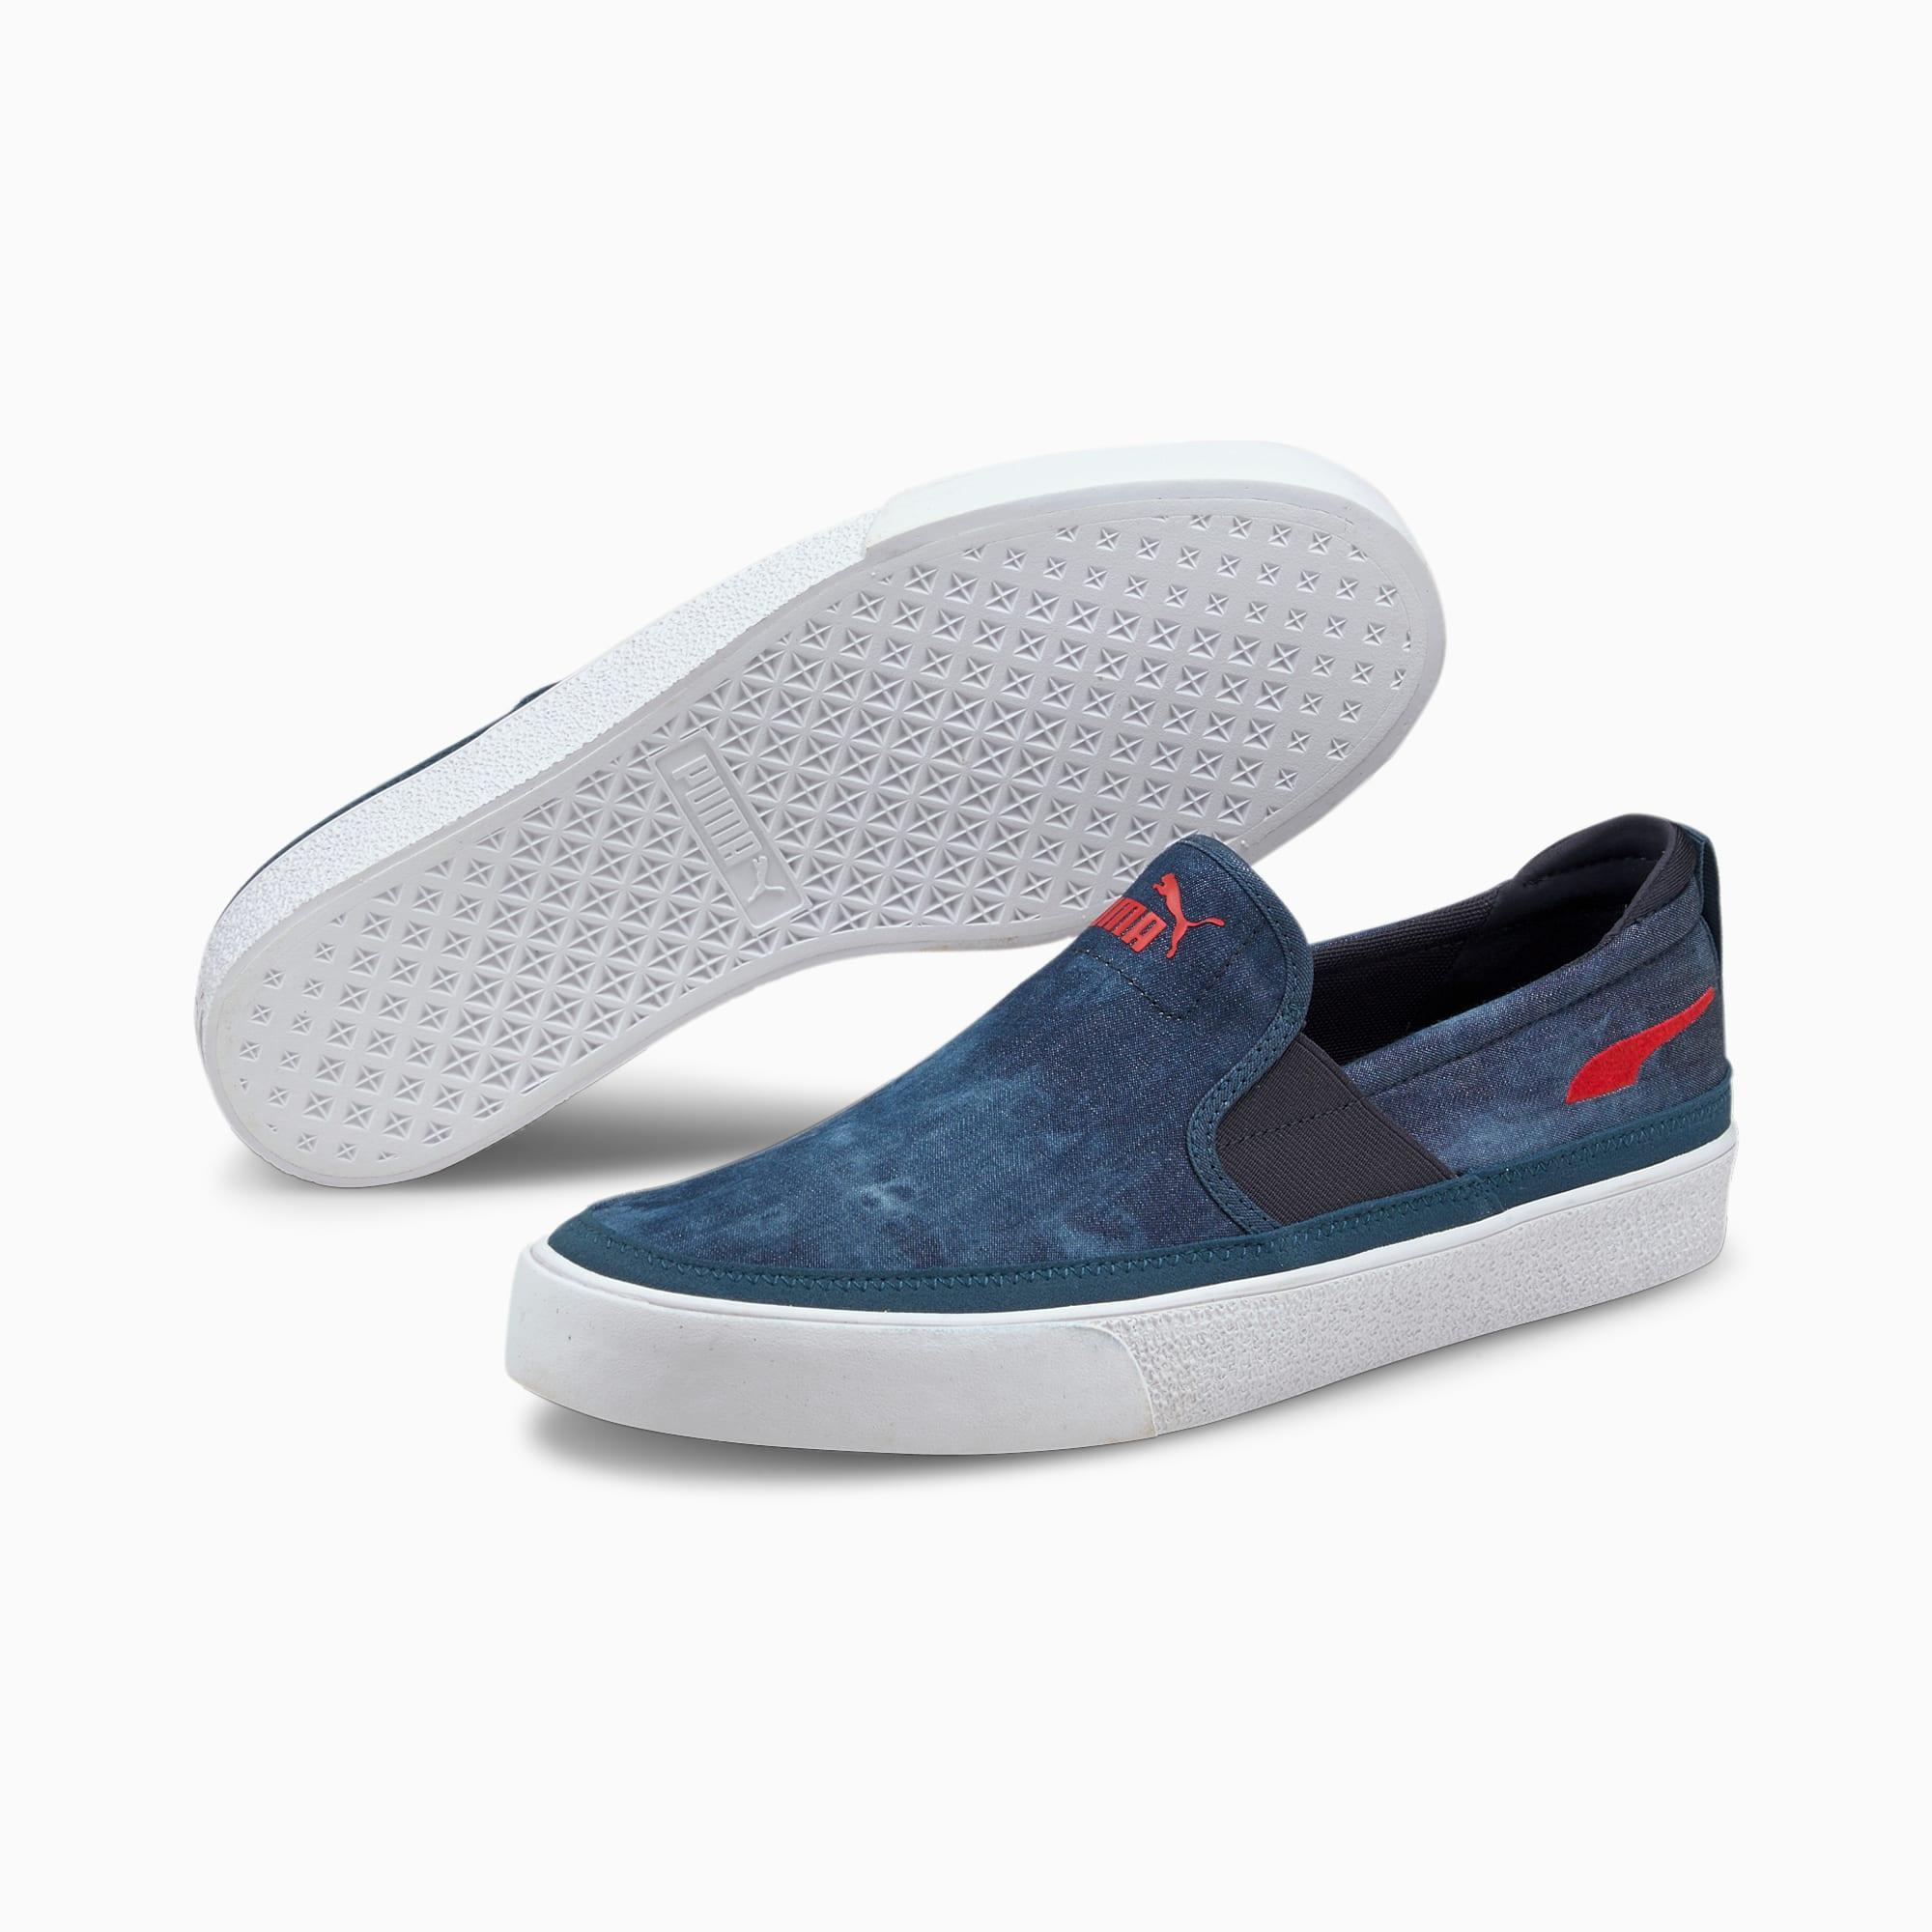 Bari Z Slip-On Indigo Sneakers